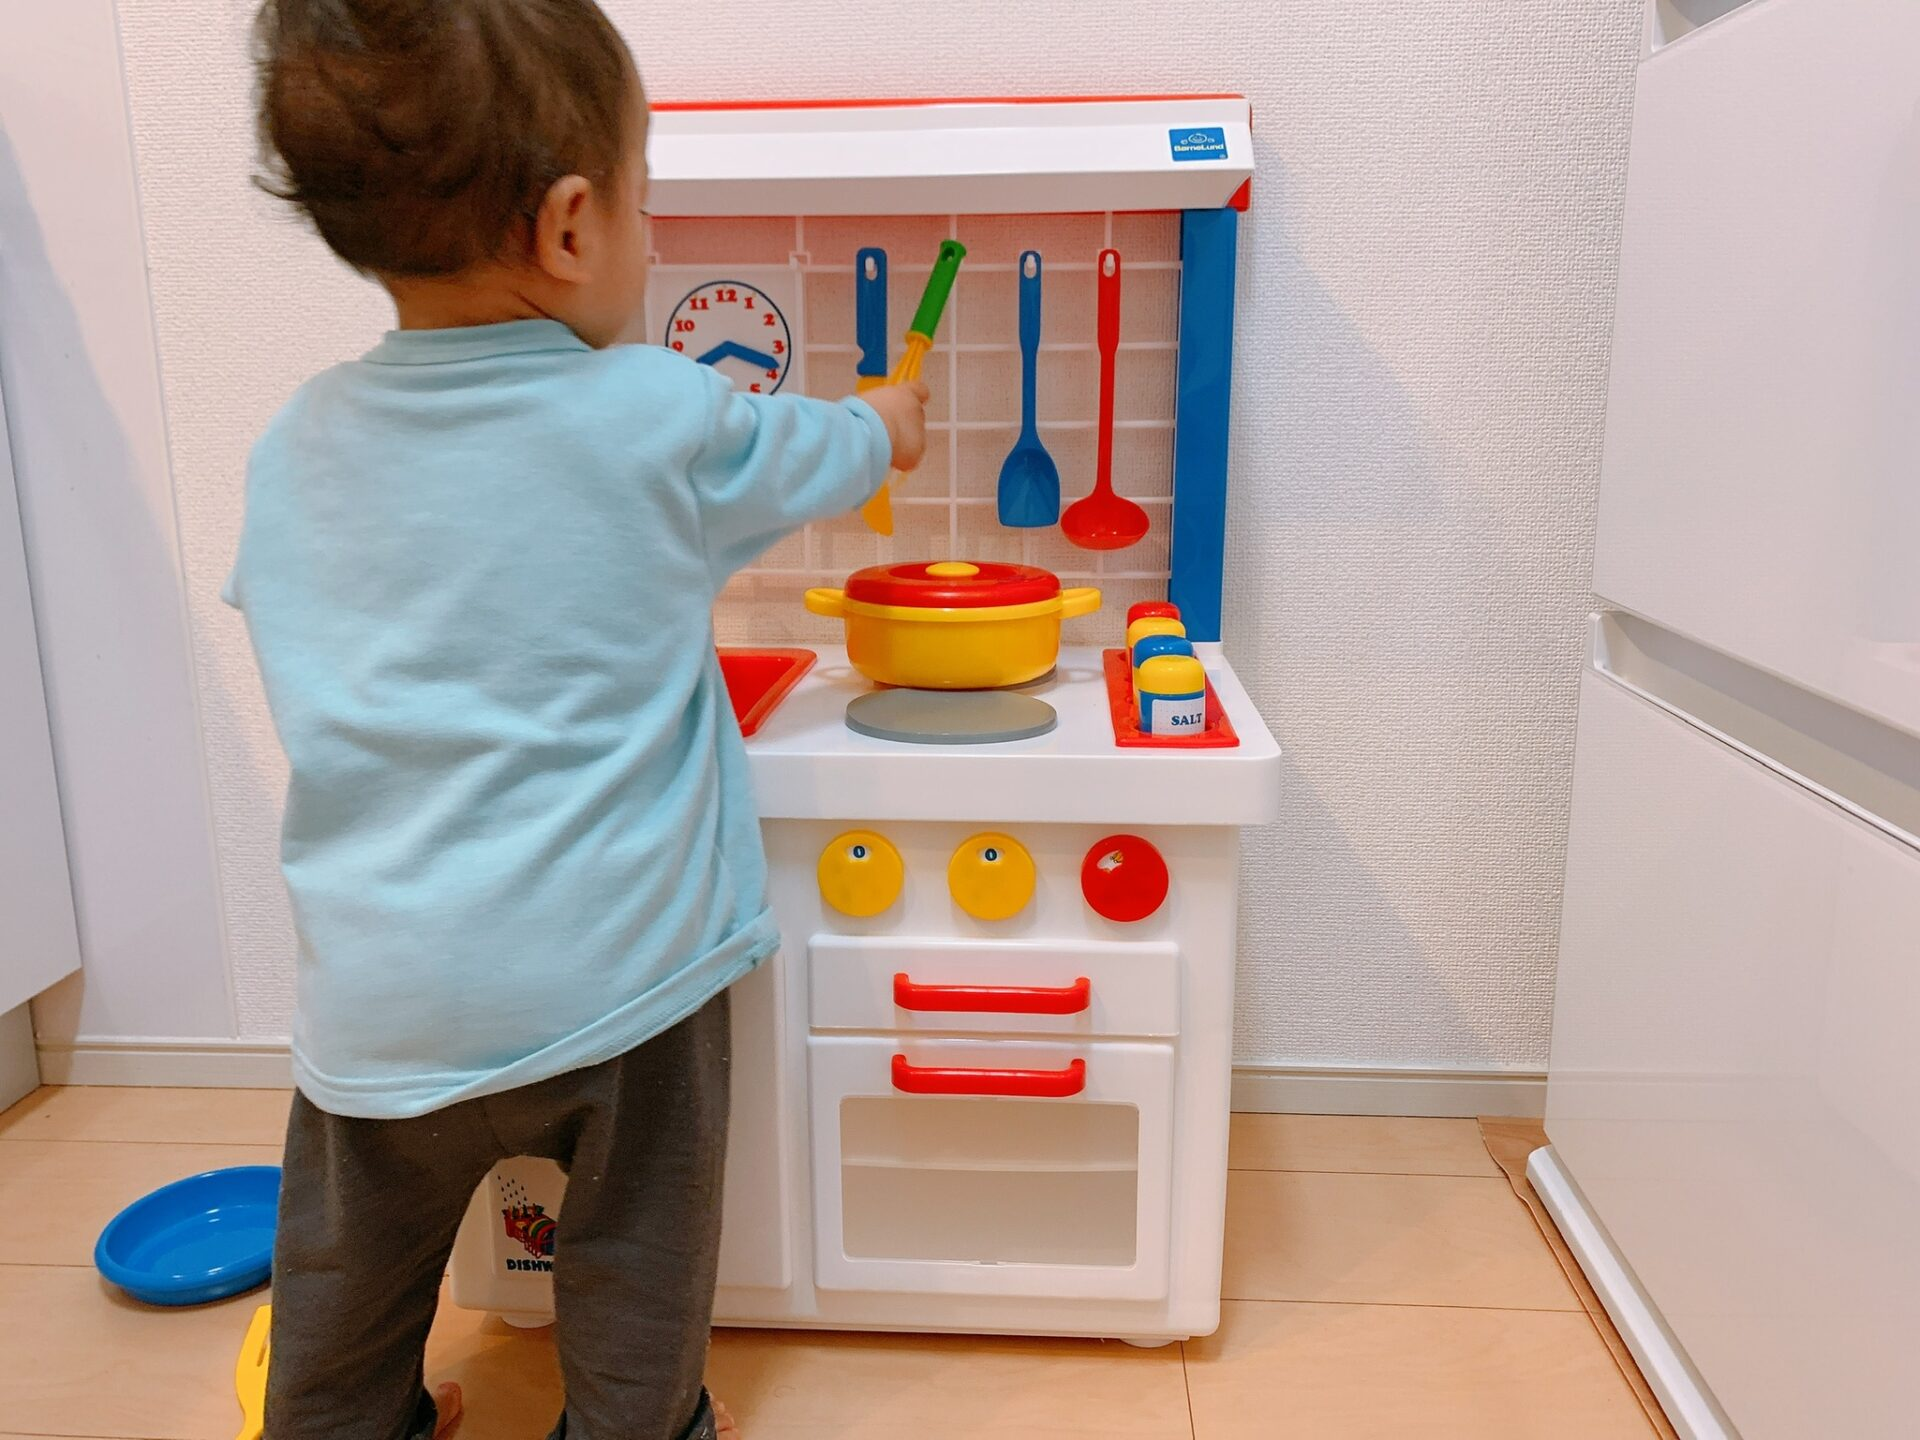 キッチンのおままごとで遊ぶ男の子